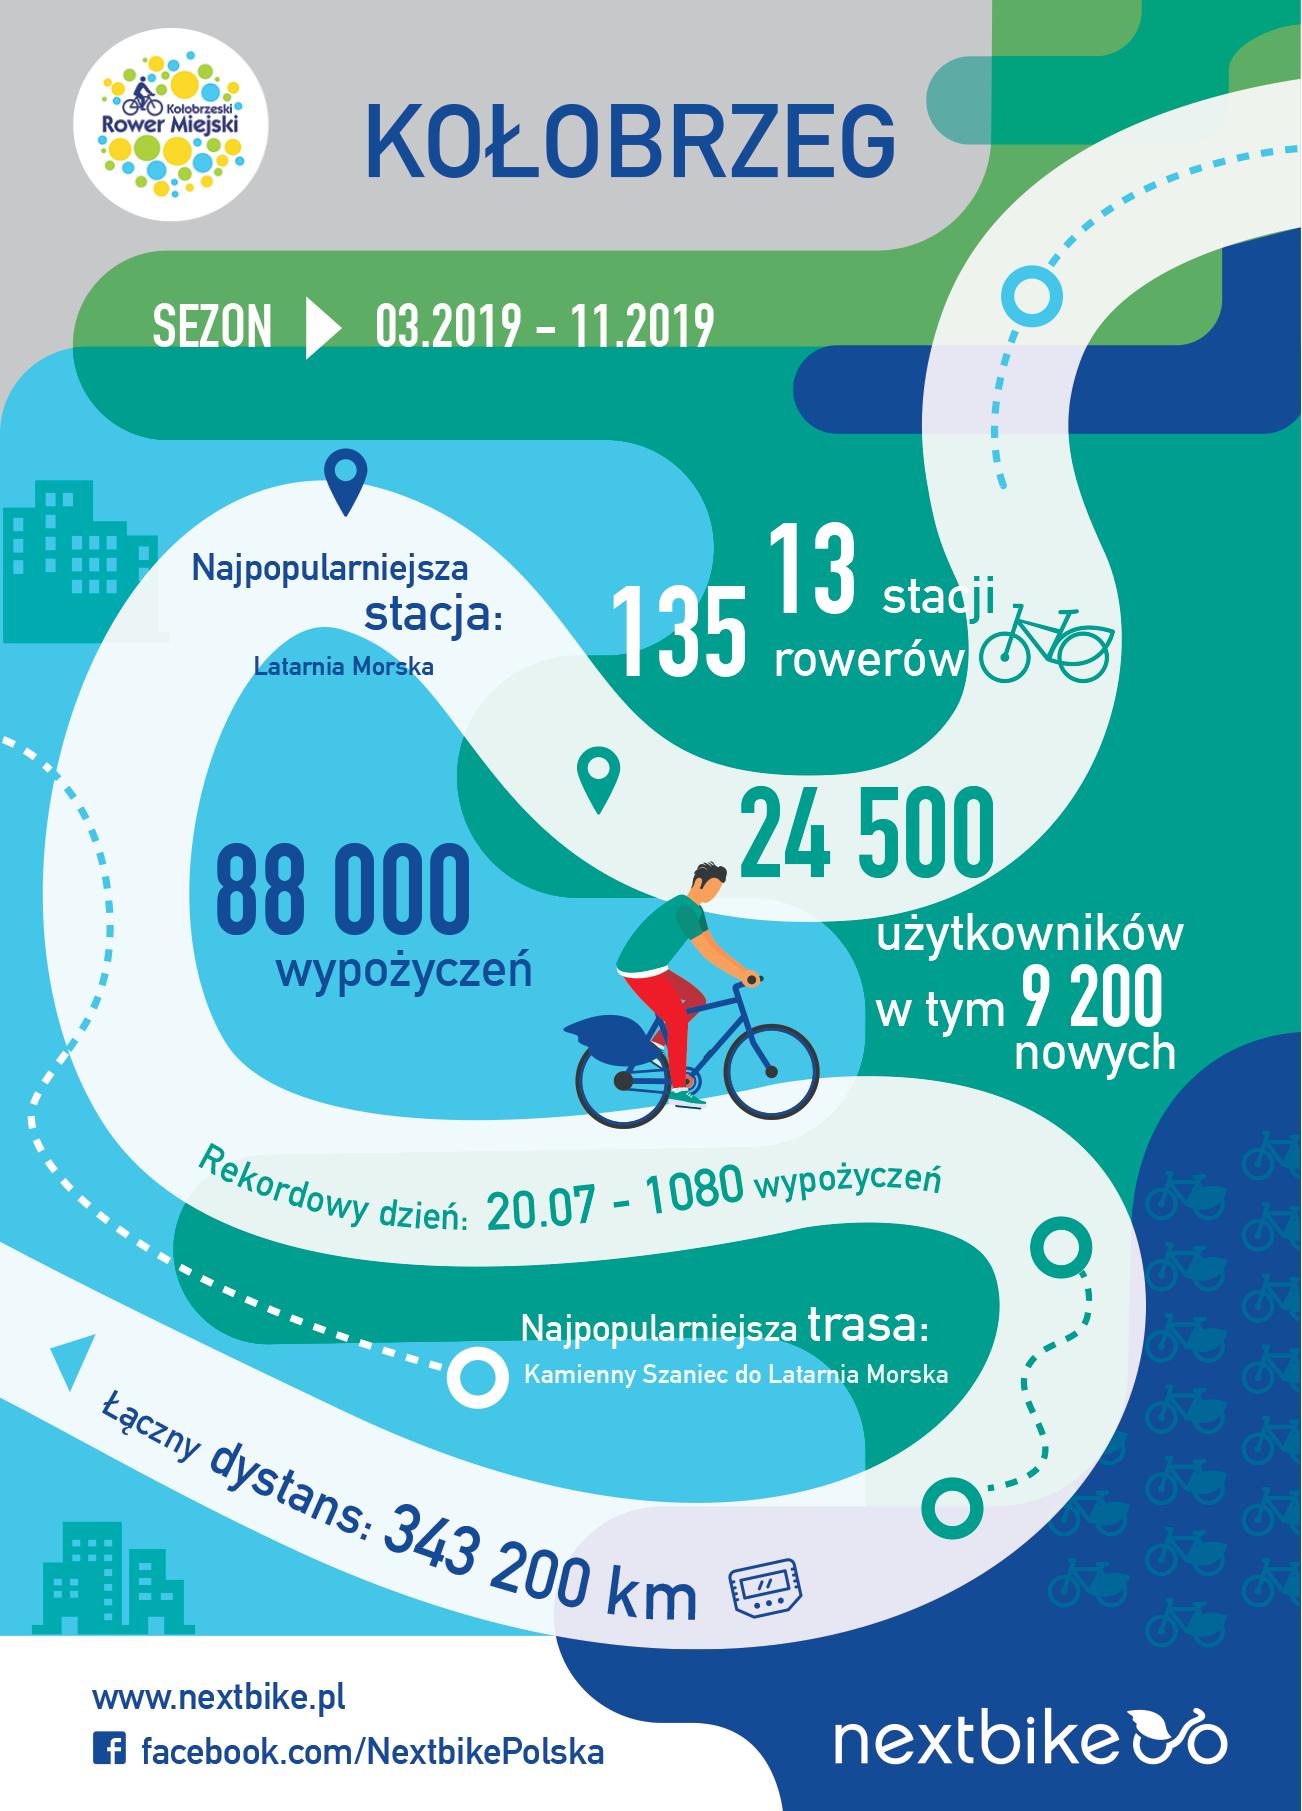 Podsumowanie sezonu rowerowego w Kołobrzegu (fot. nextbike.pl)